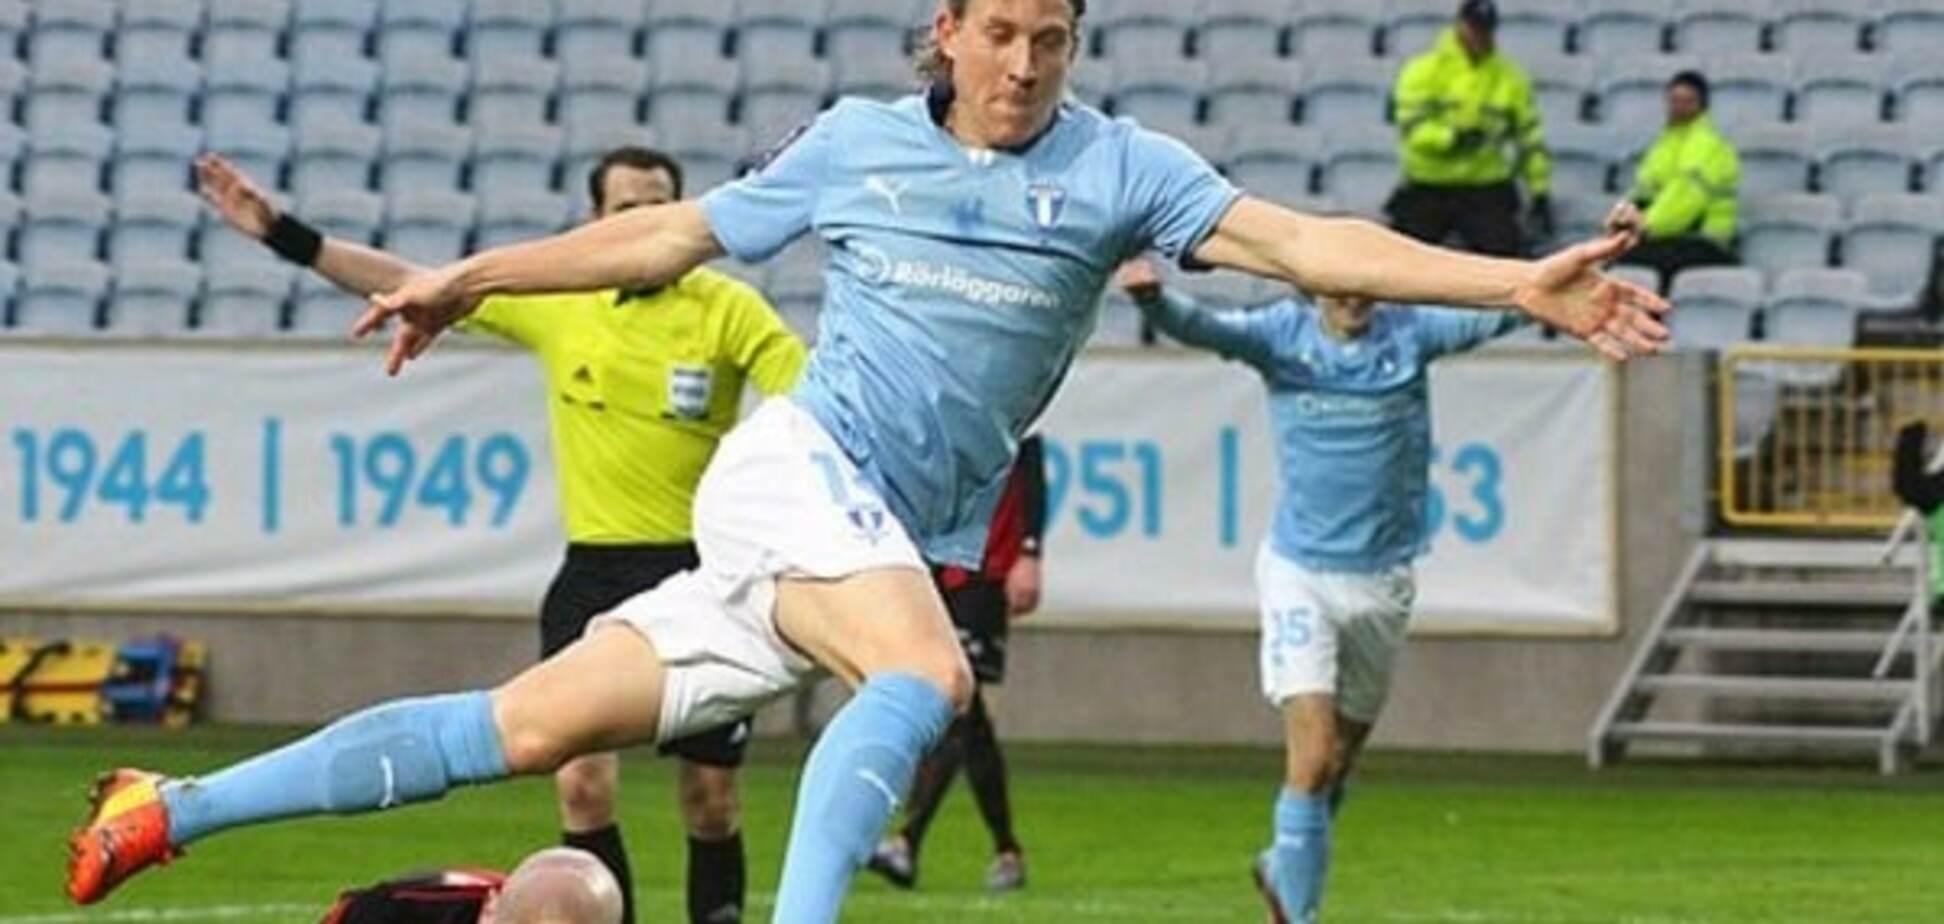 Шведский футболист забил роскошным ударом пяткой: видео эффектного гола